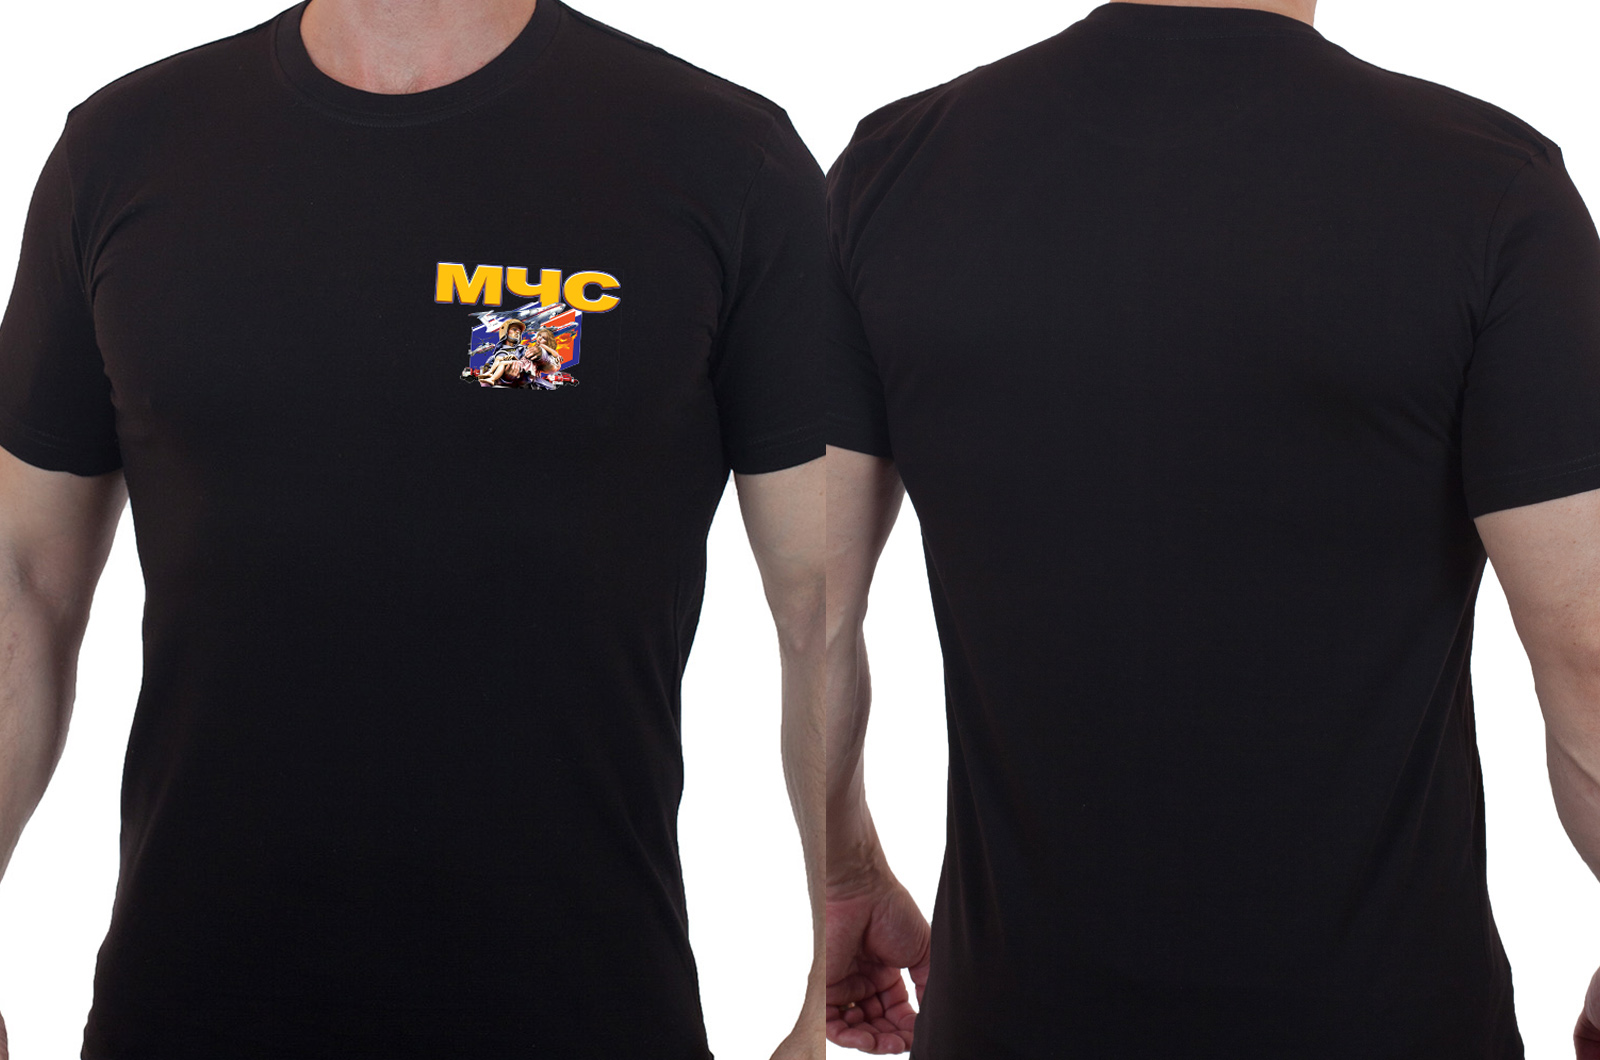 Черная оригинальная футболка МЧС - заказать с доставкой